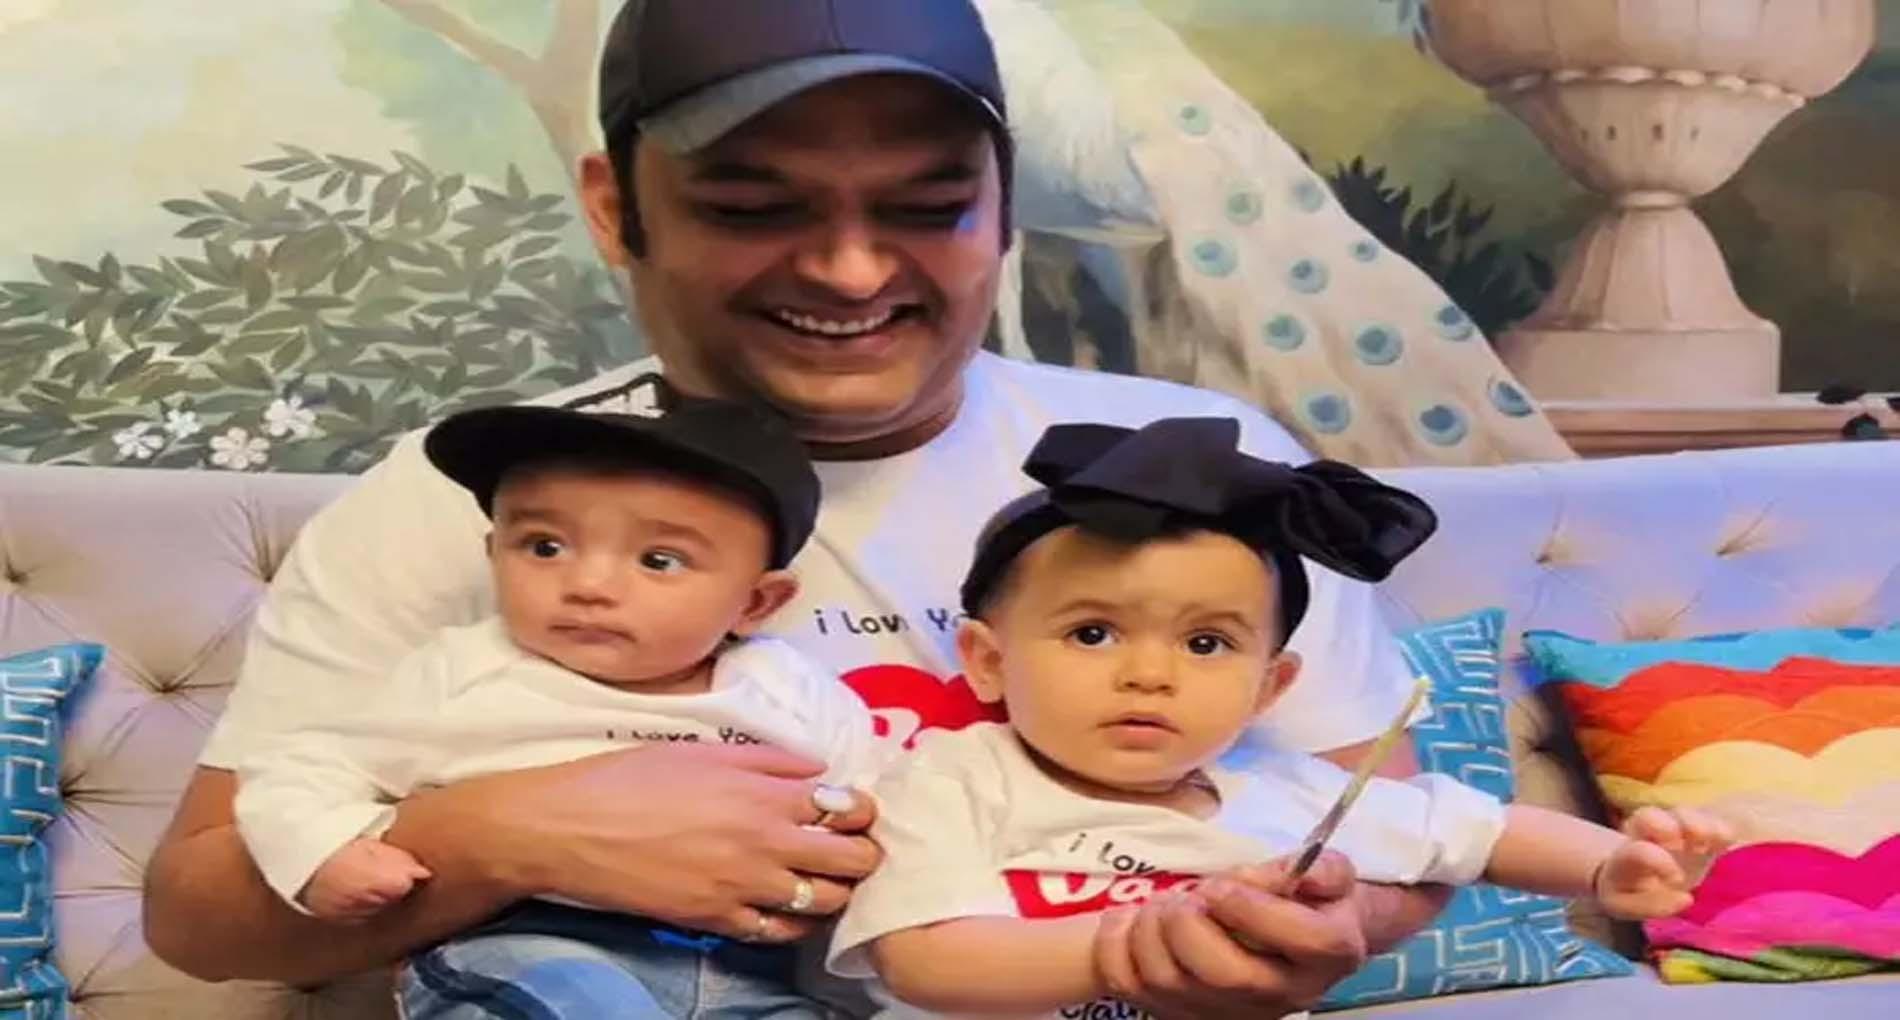 कपिल शर्मा ने शेयर की बच्चों की फोटो! कहा- पब्लिक डिमांड पर पहली बार एक साथ अनायरा और त्रिशान